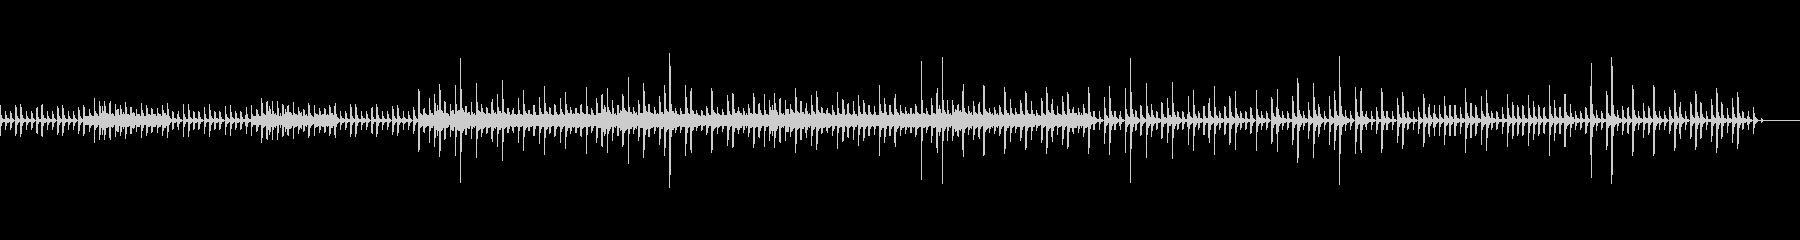 bpm64バージョンの未再生の波形